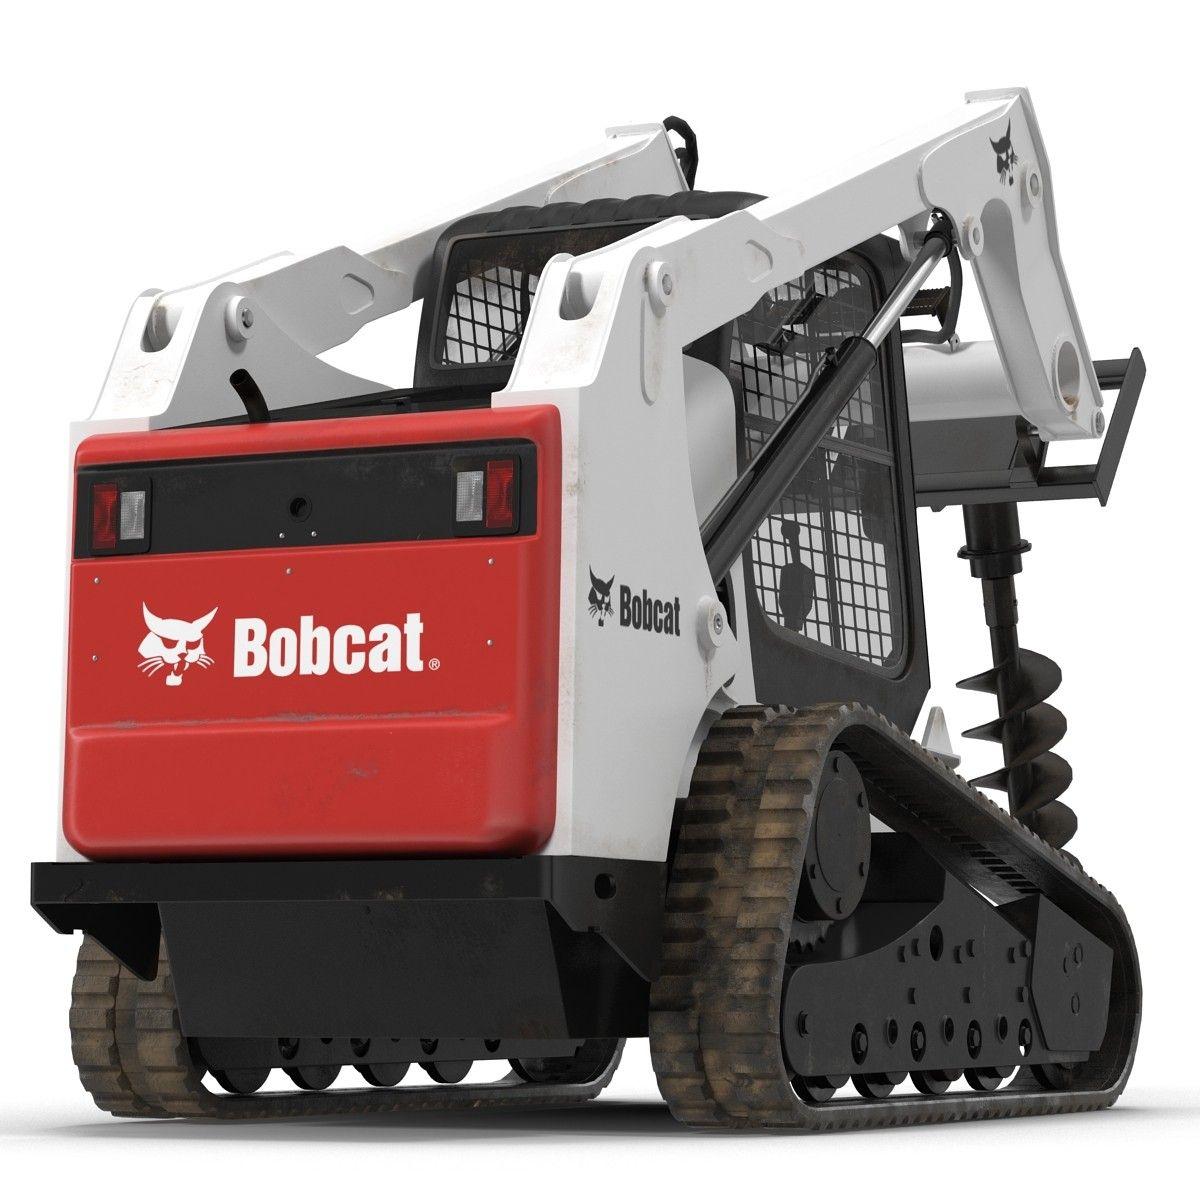 3d model compact tracked loader bobcat skid steer loader training 3d model compact tracked loader bobcat skid steer loader training scissorlift training